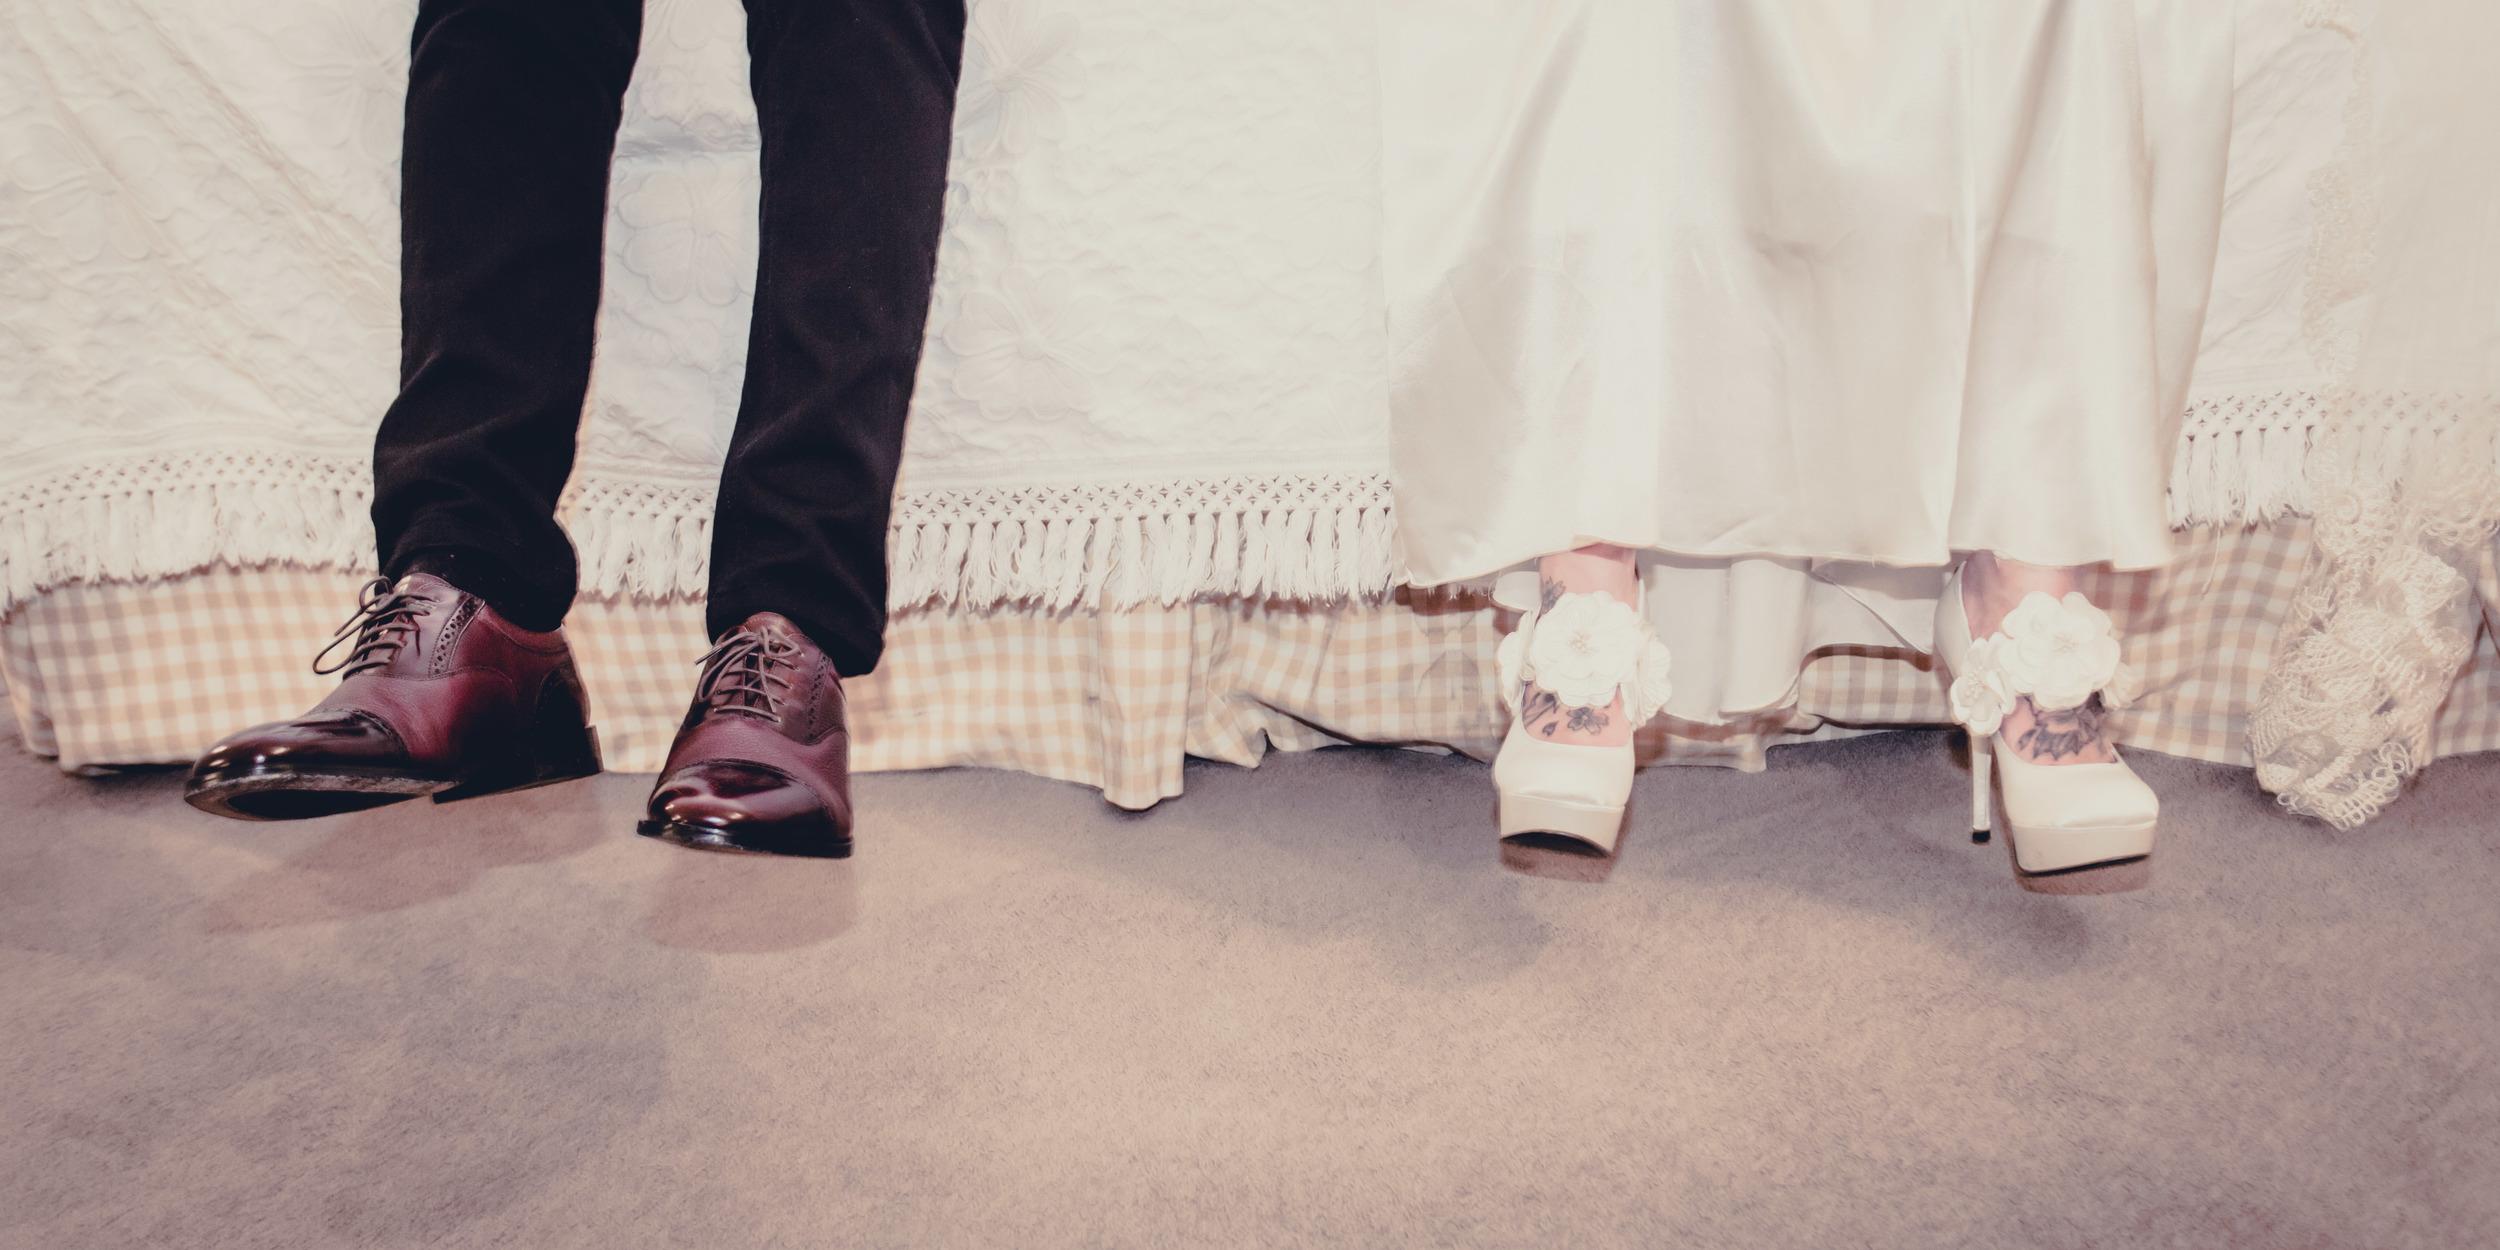 176 - Angela and Karls Wedding by www.markpugh.com -7181.jpg